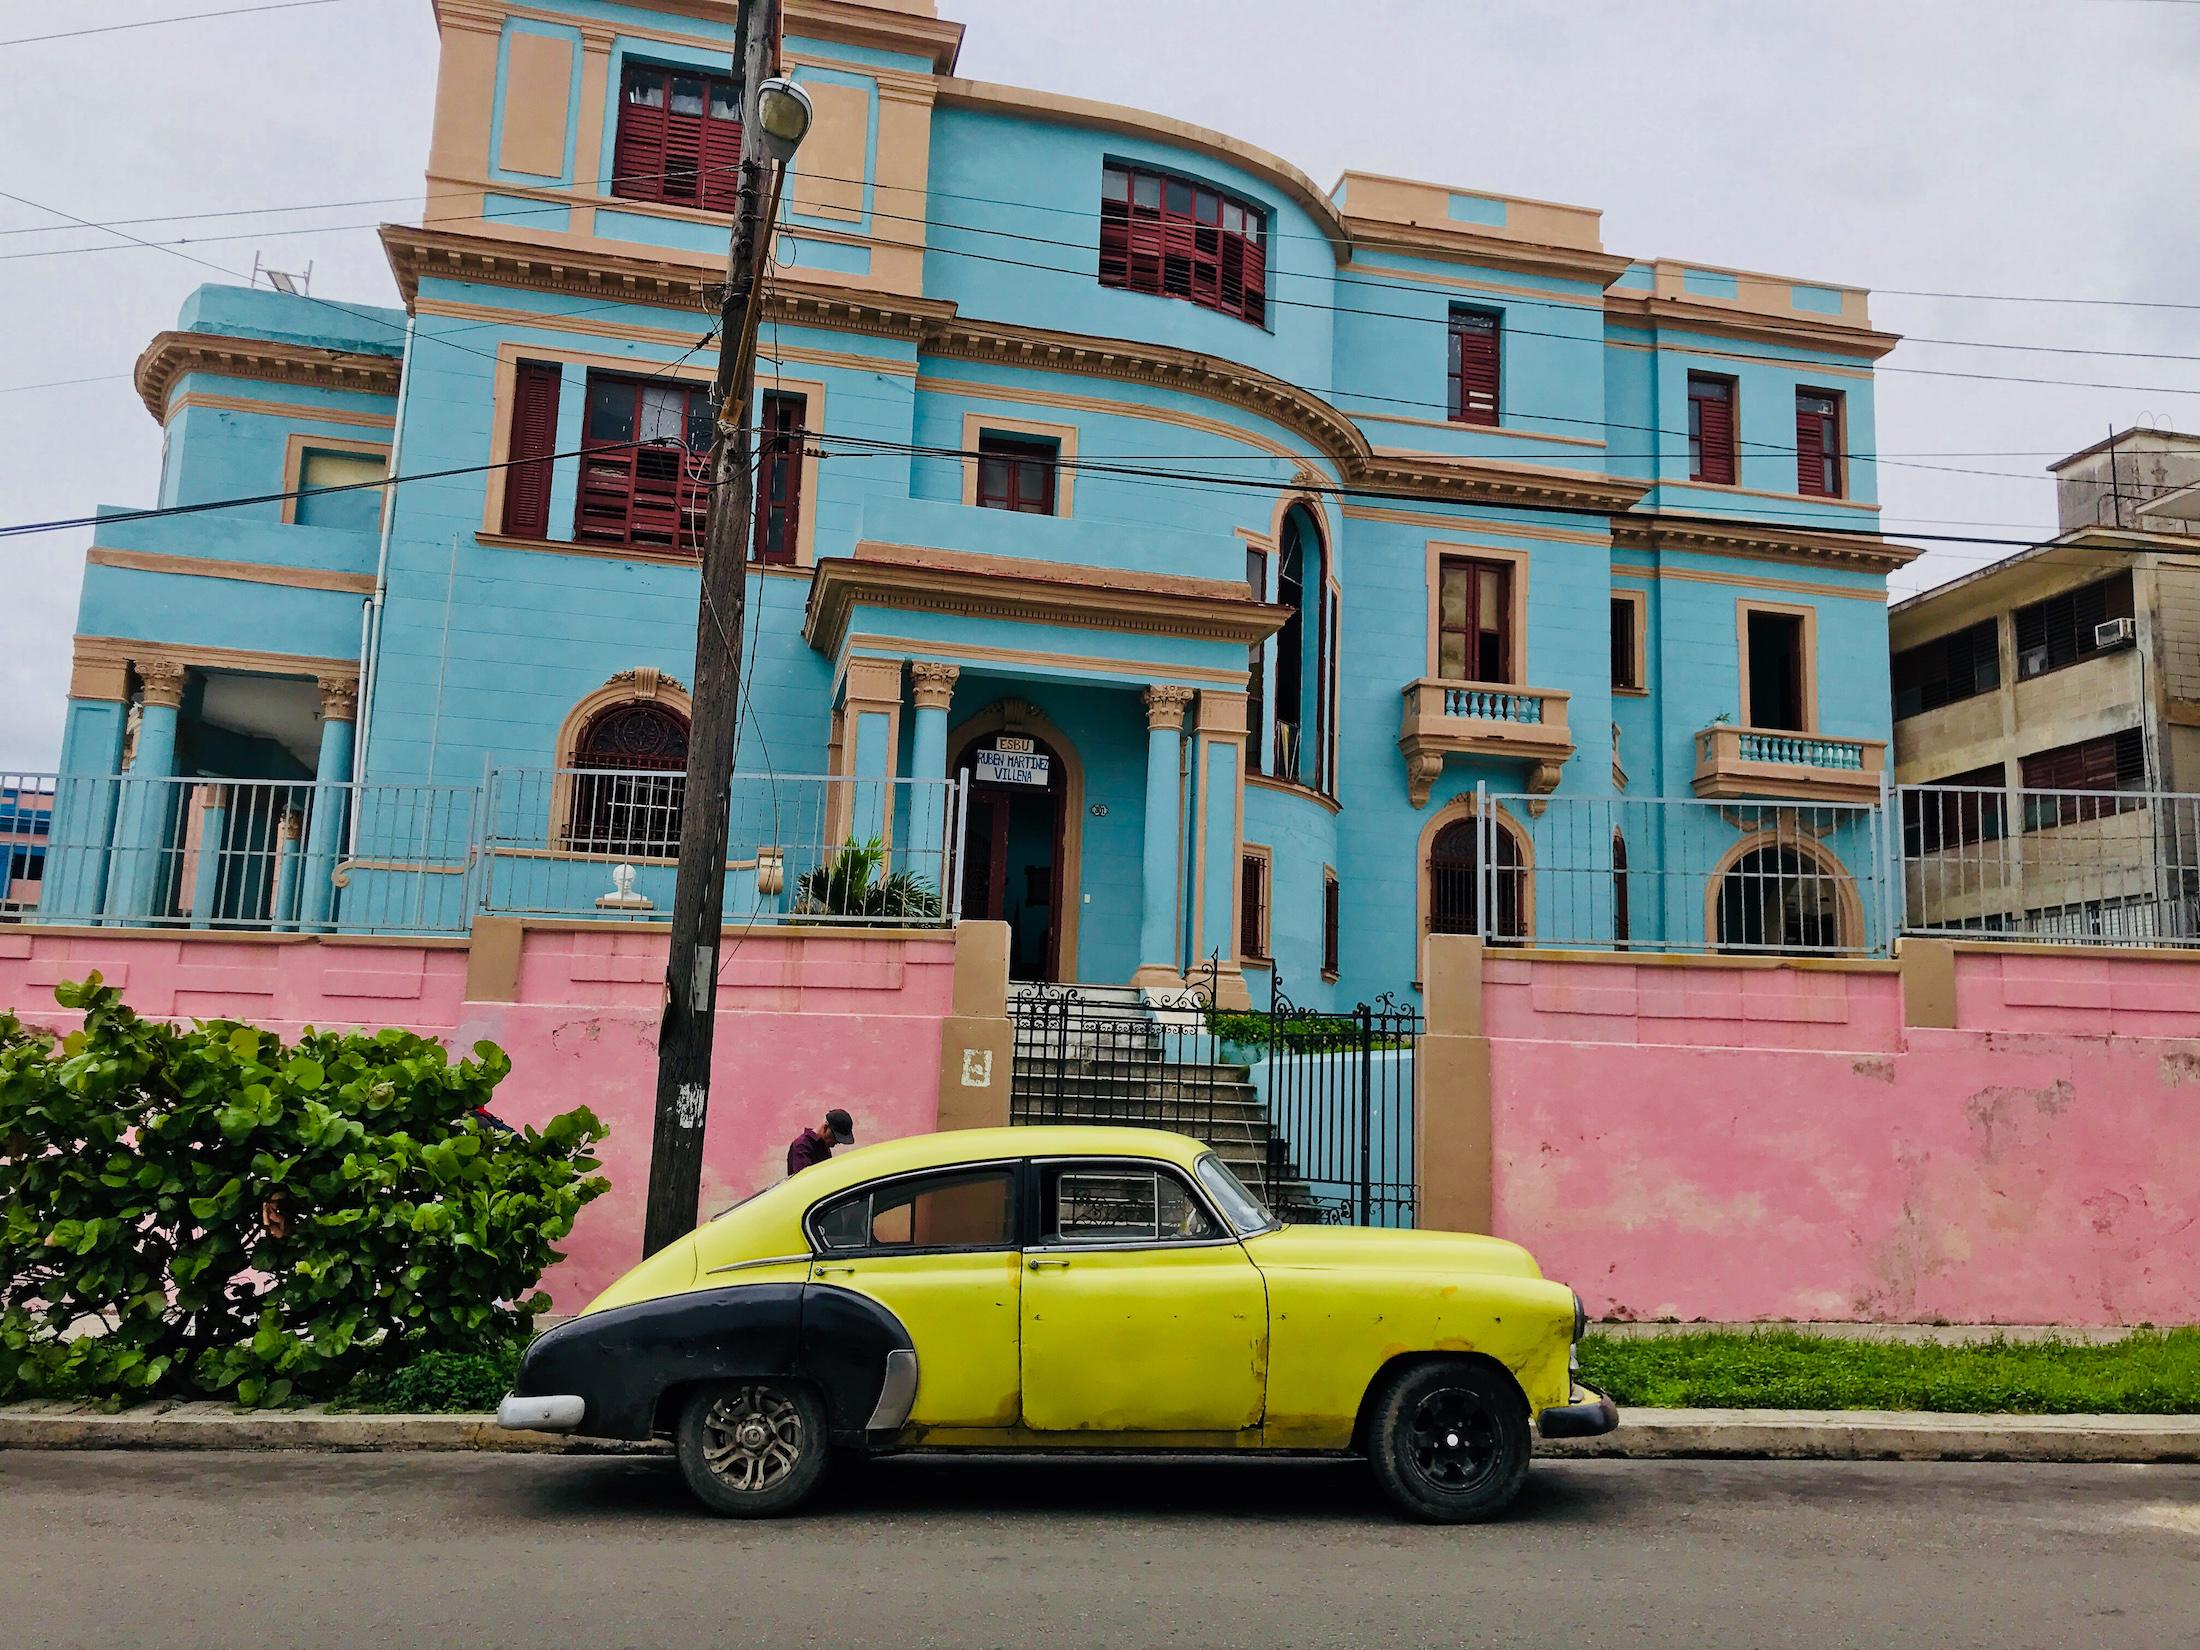 cuba photo diary - yellow car